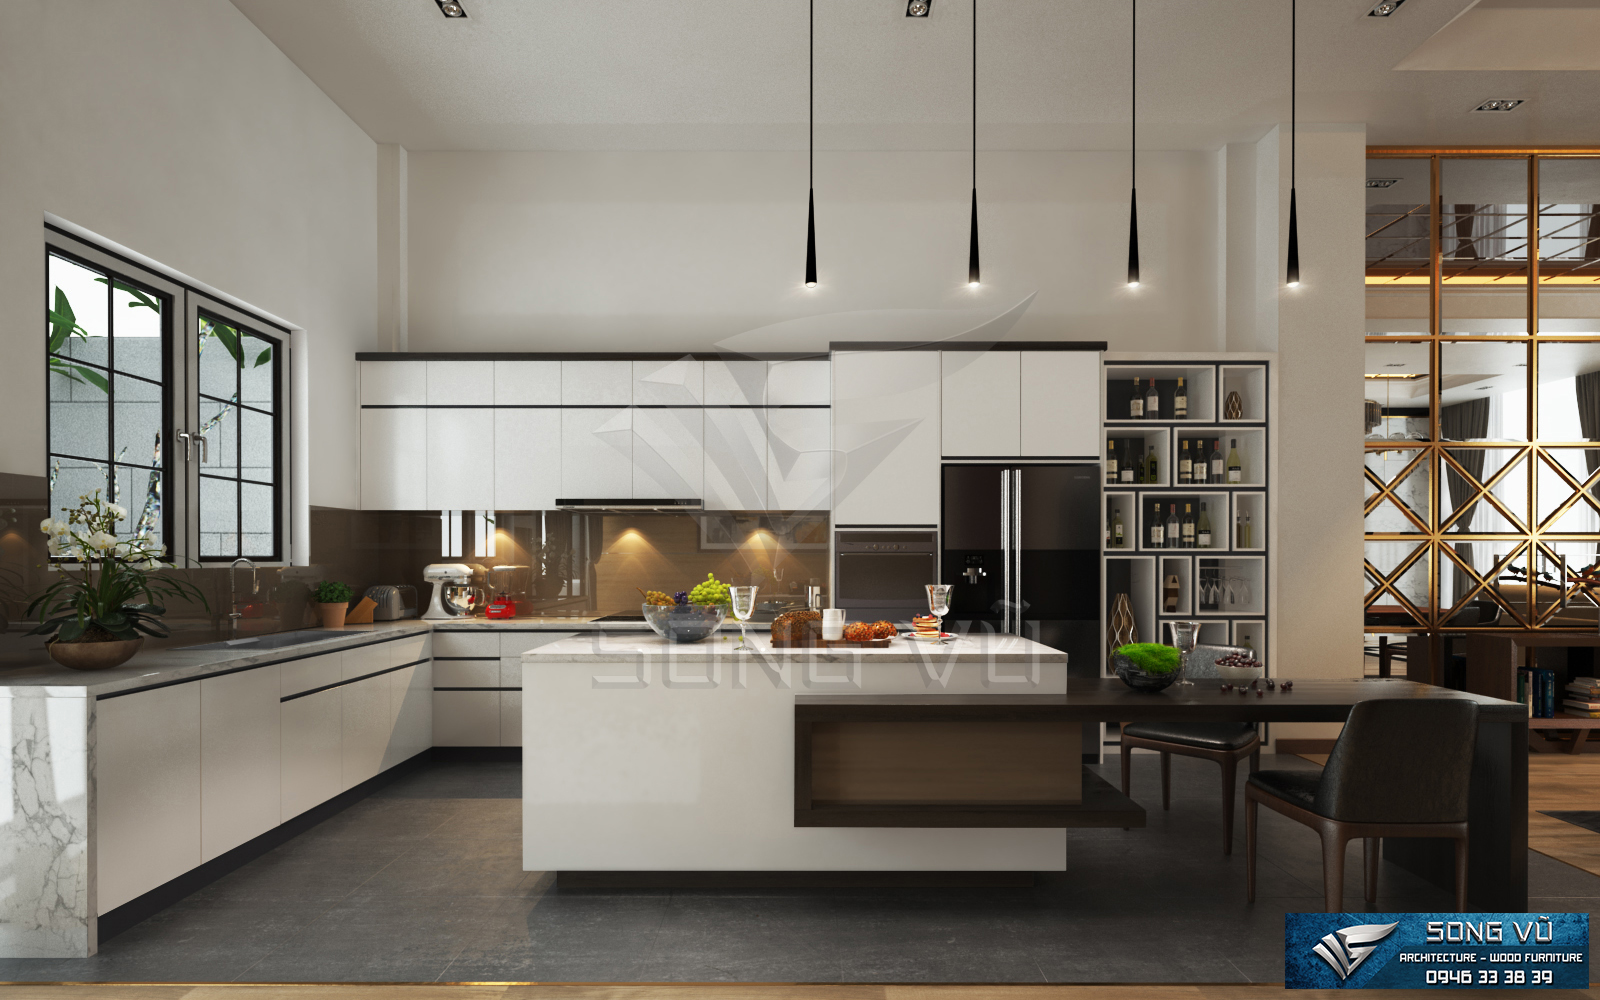 Không gian tiện nghi đơn gián có nội thất Song Vũ bằng gỗ chất lượng phù hợp mọi không gian